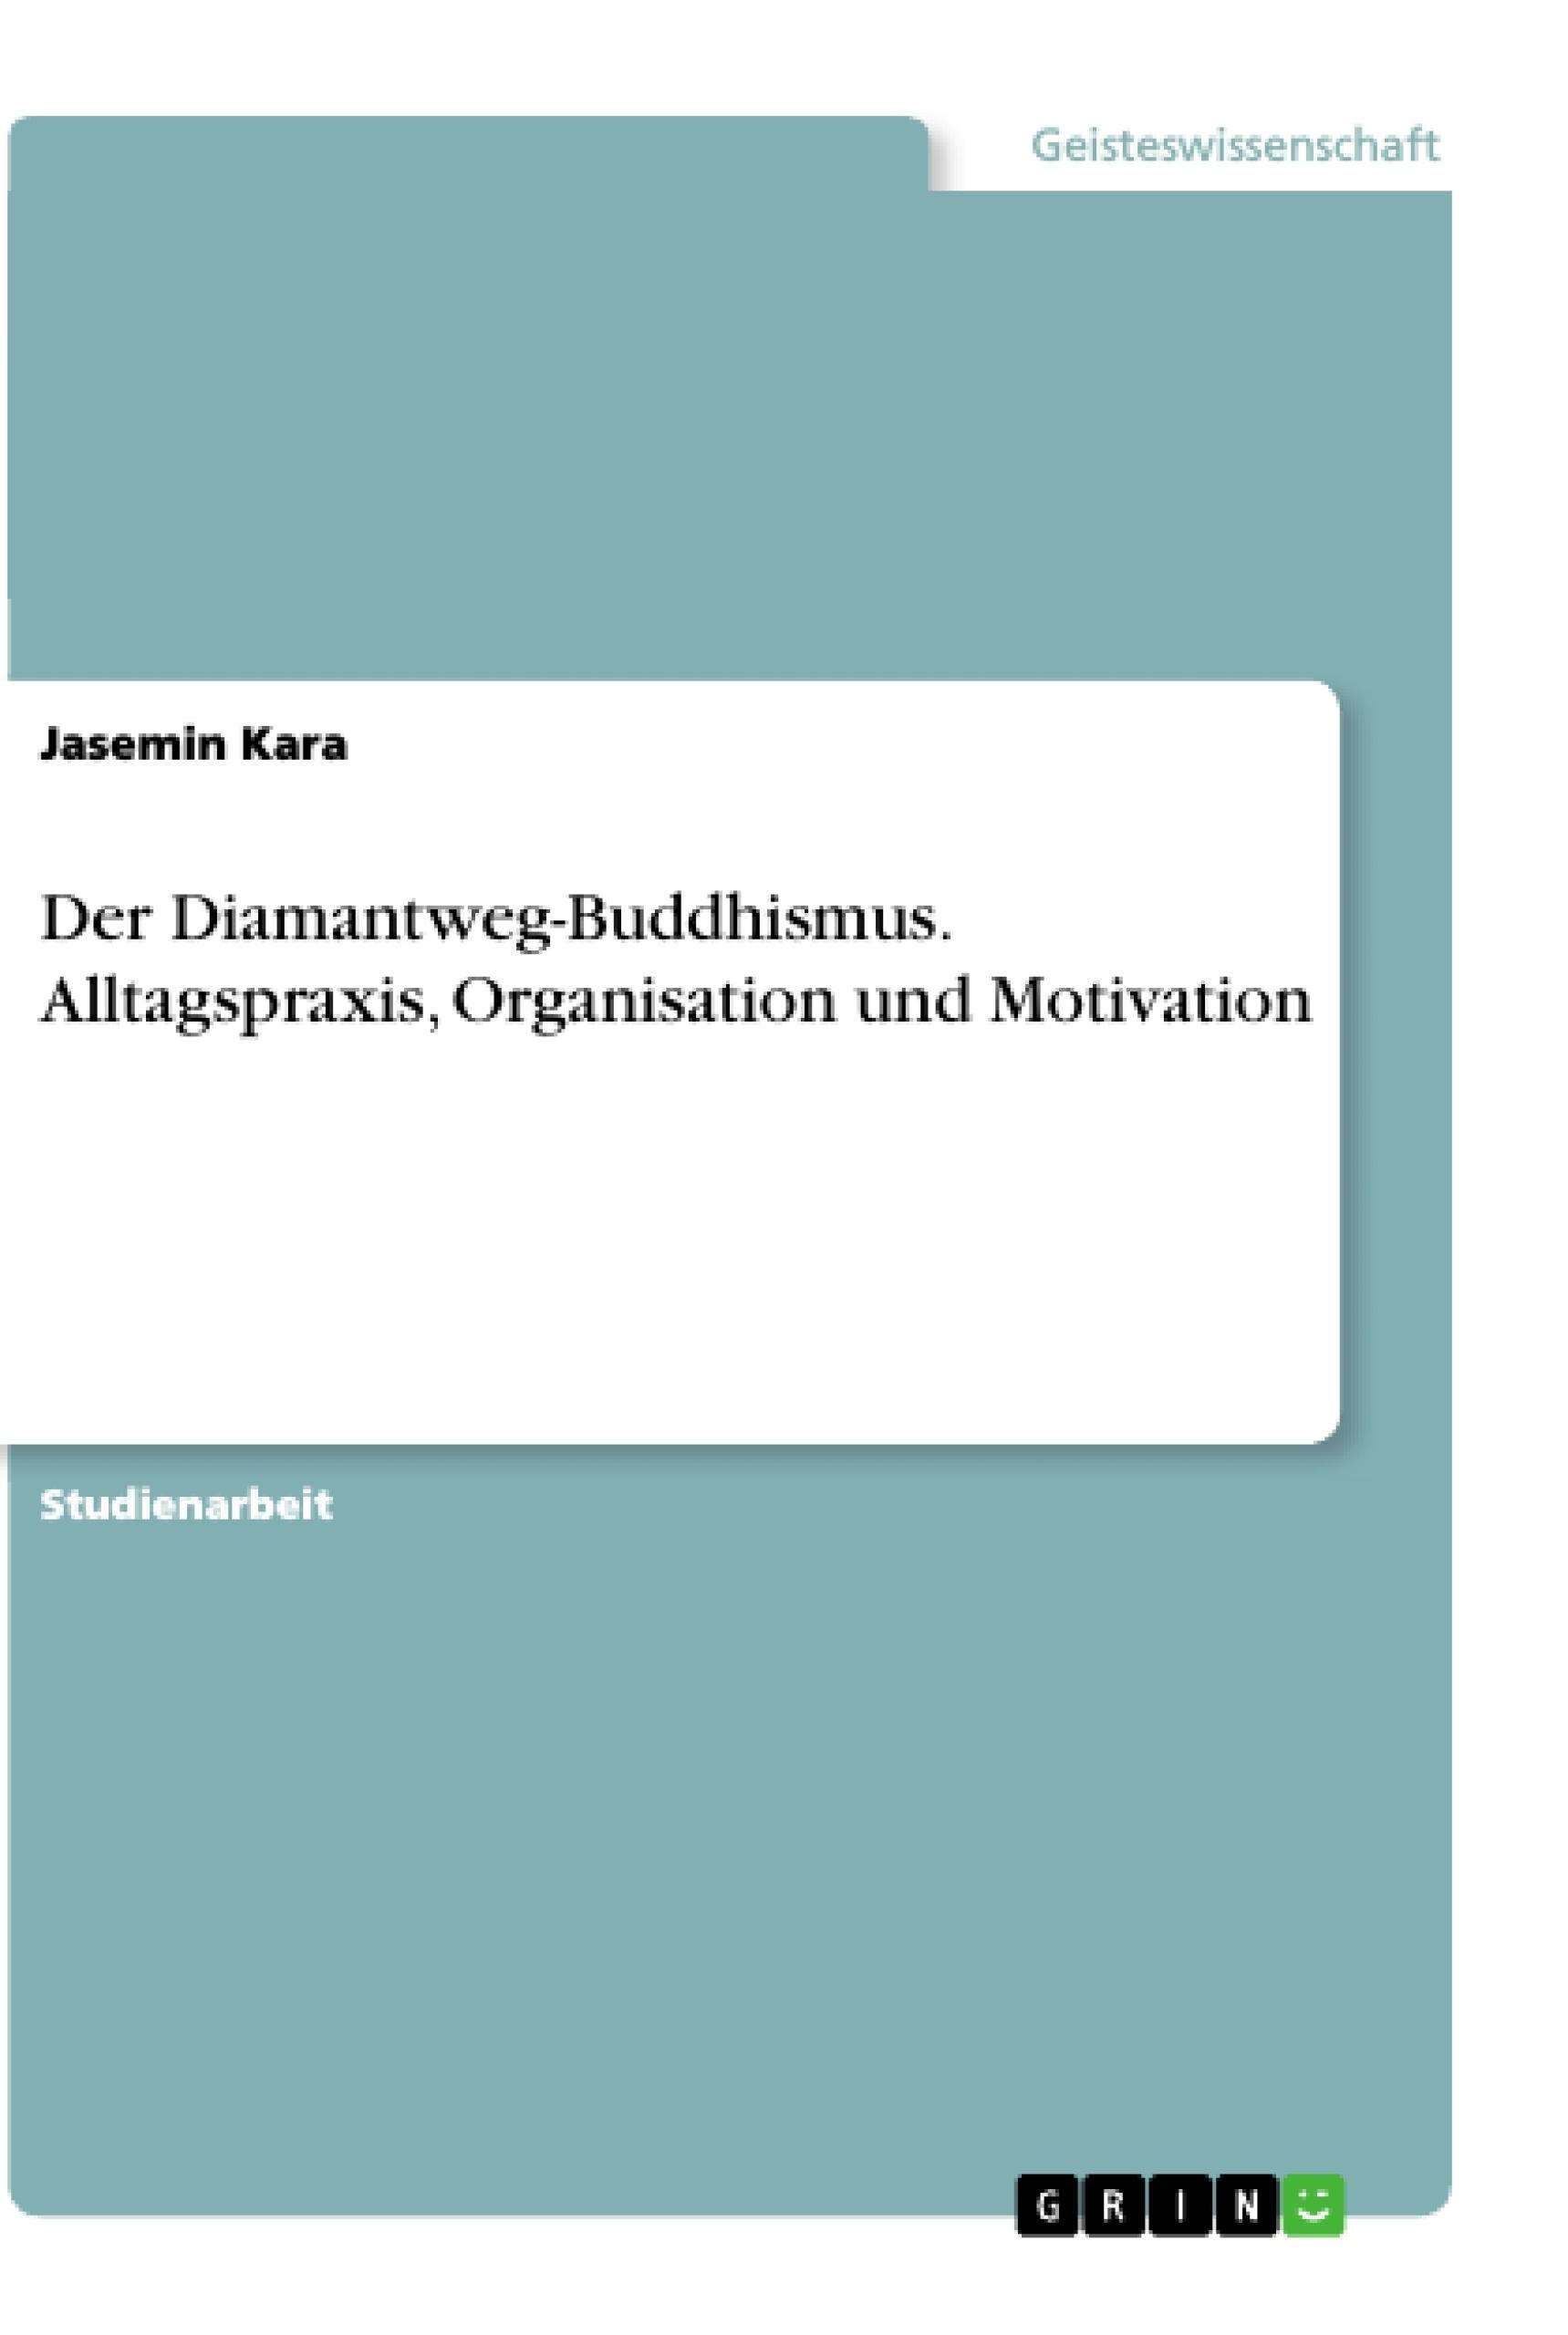 Titel: Der Diamantweg-Buddhismus. Alltagspraxis, Organisation und Motivation